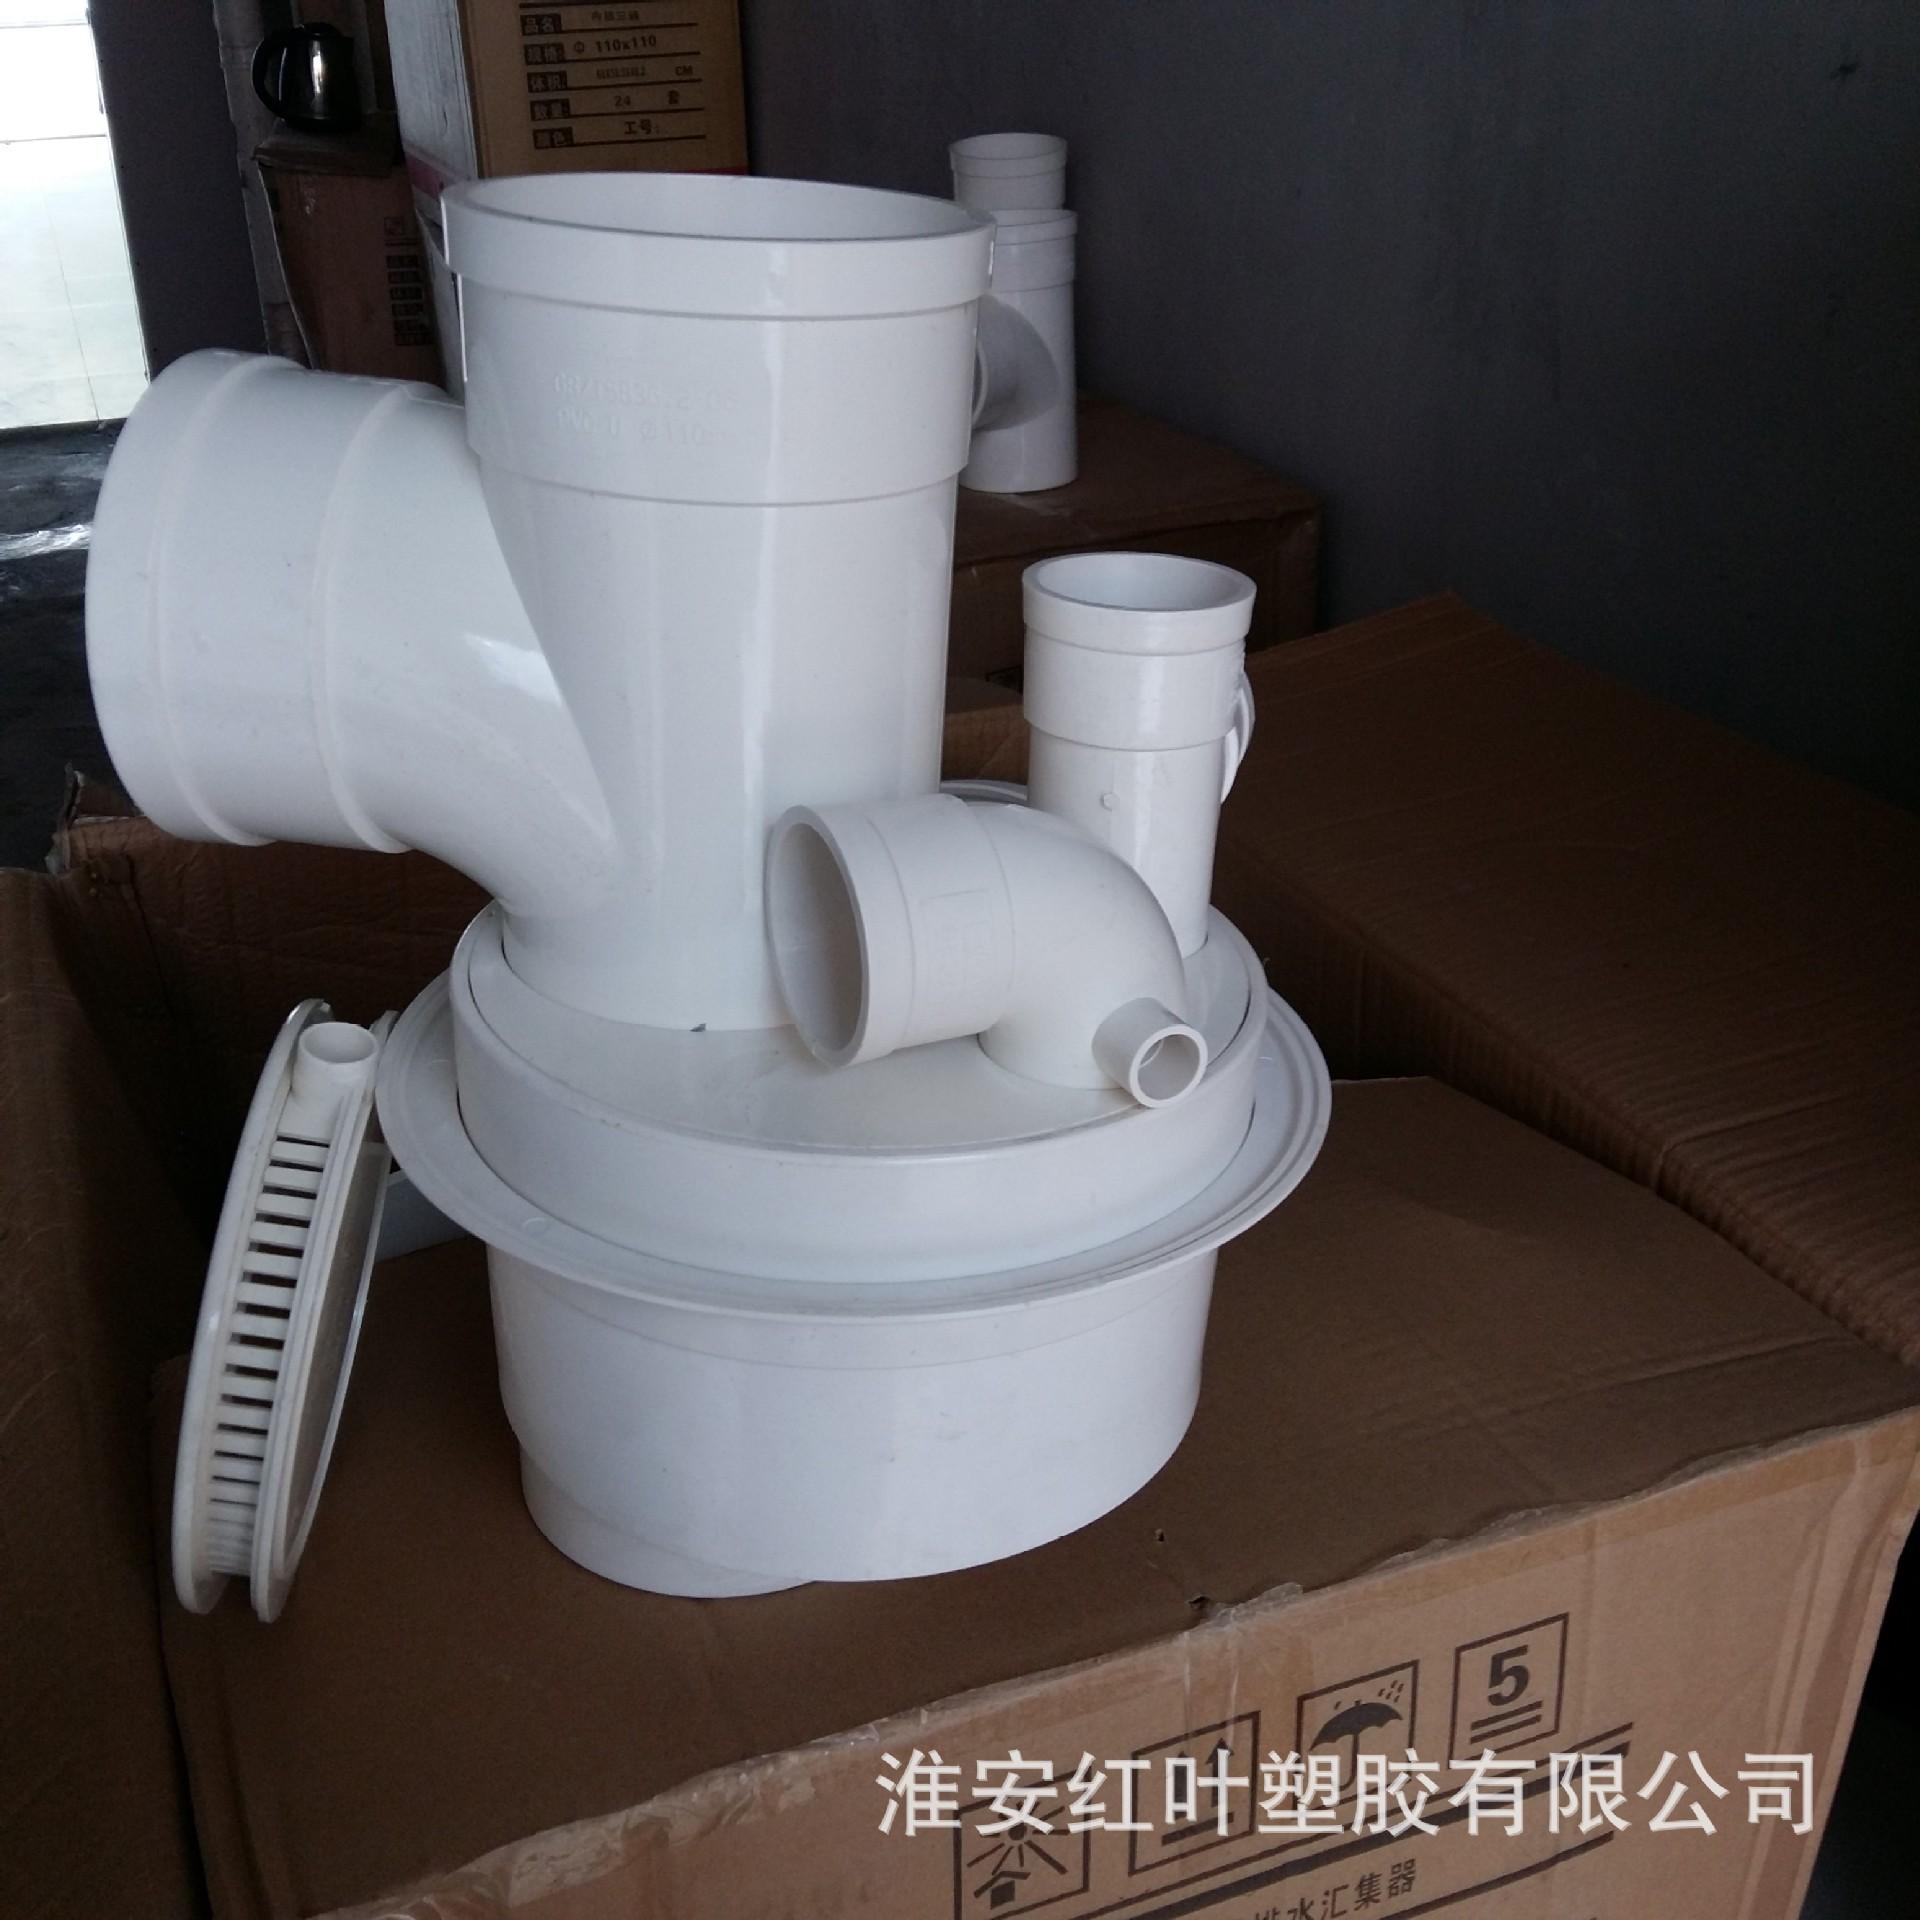 同层排水管件 PVC同层排水管件 地漏 同层排水专用管件生产 阿里巴巴